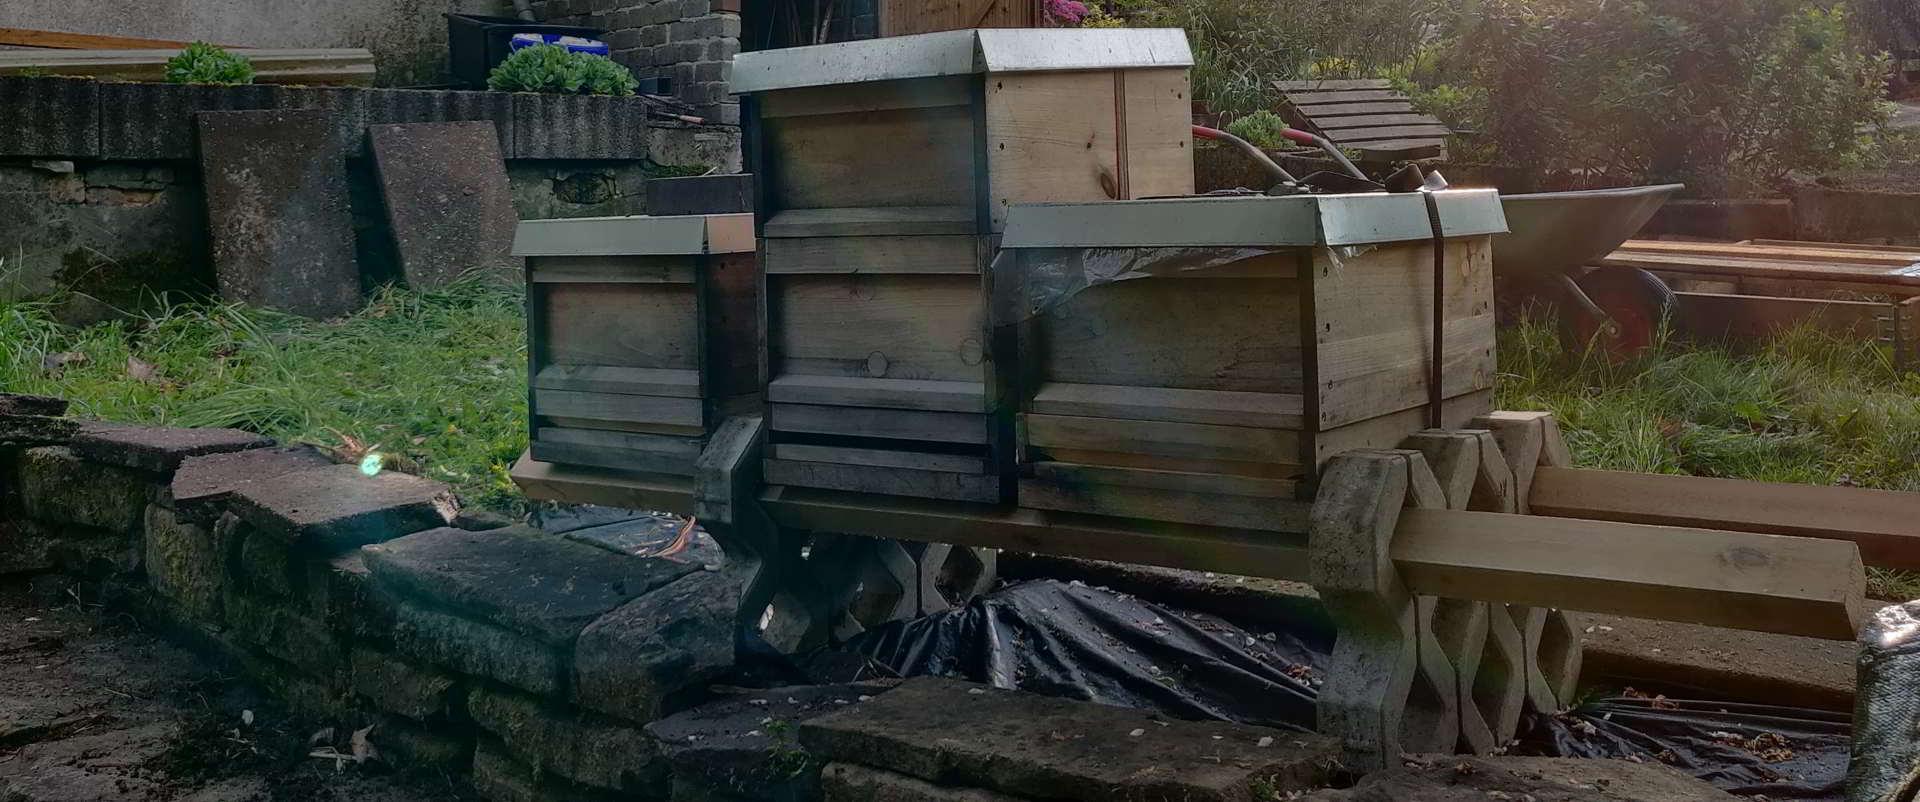 Standort der Bienenbeuten im Kleingarten